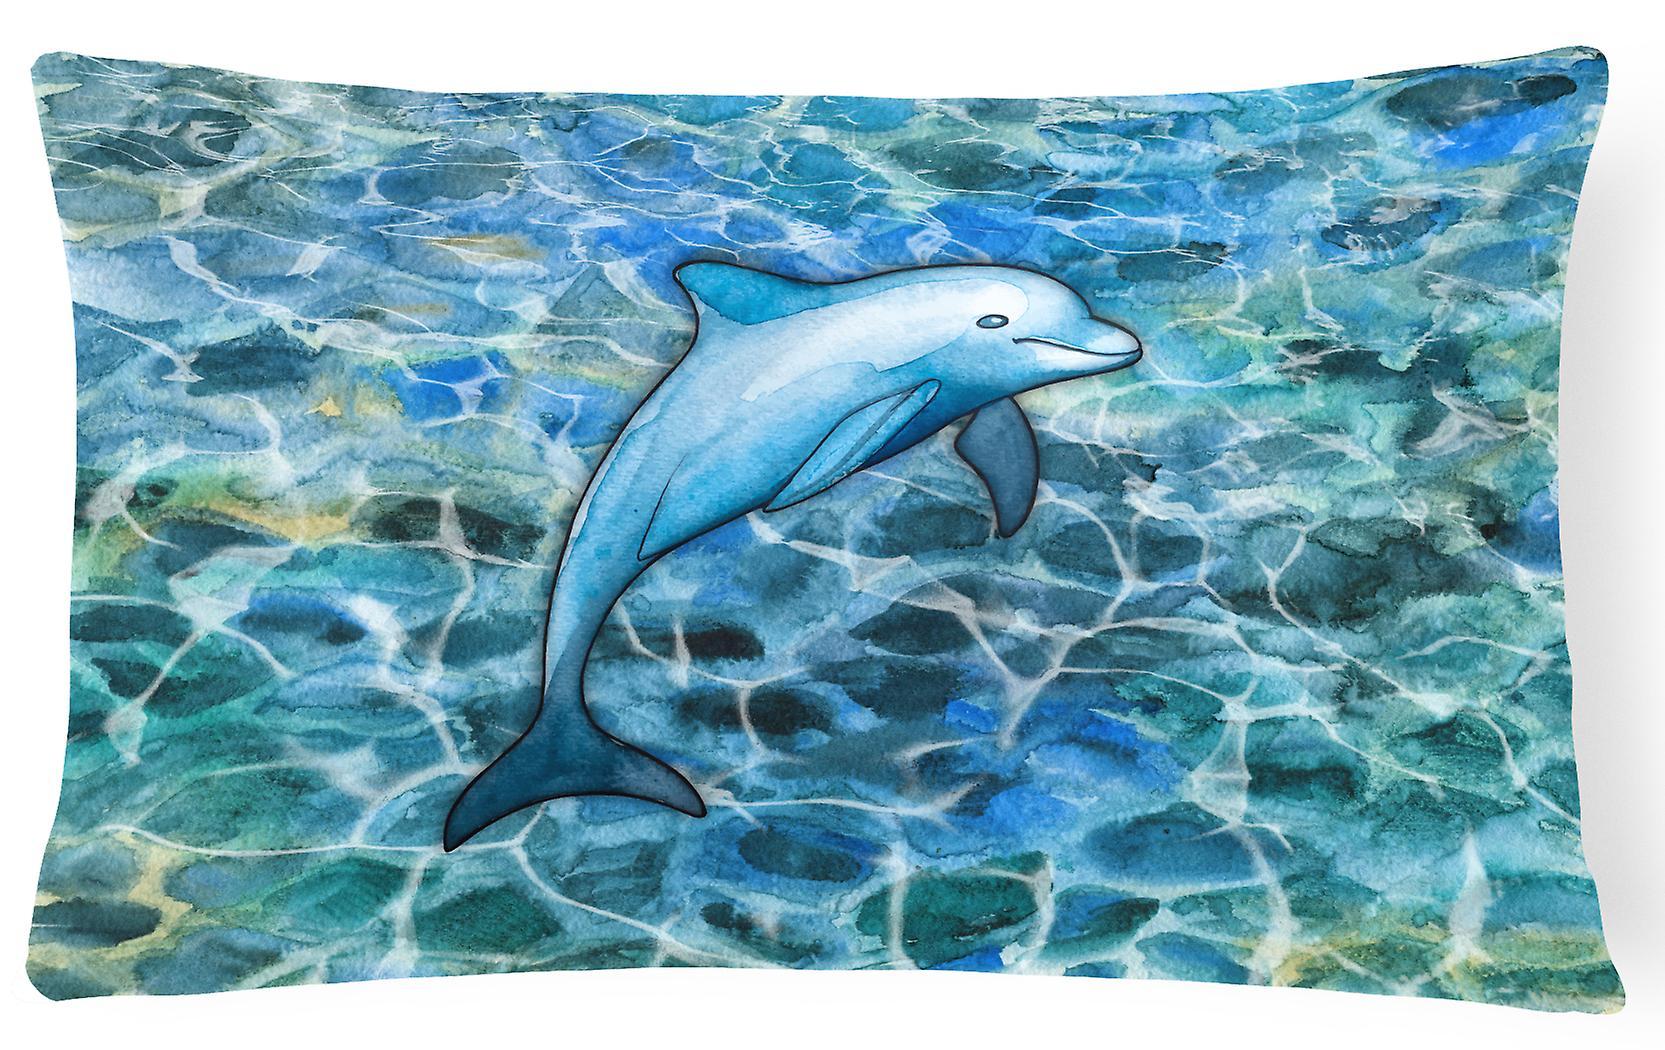 Dolphin Des Tissu Toile Carolines Trésors Bb5356pw1216 Décoratif Oreiller 8O0PwXnk